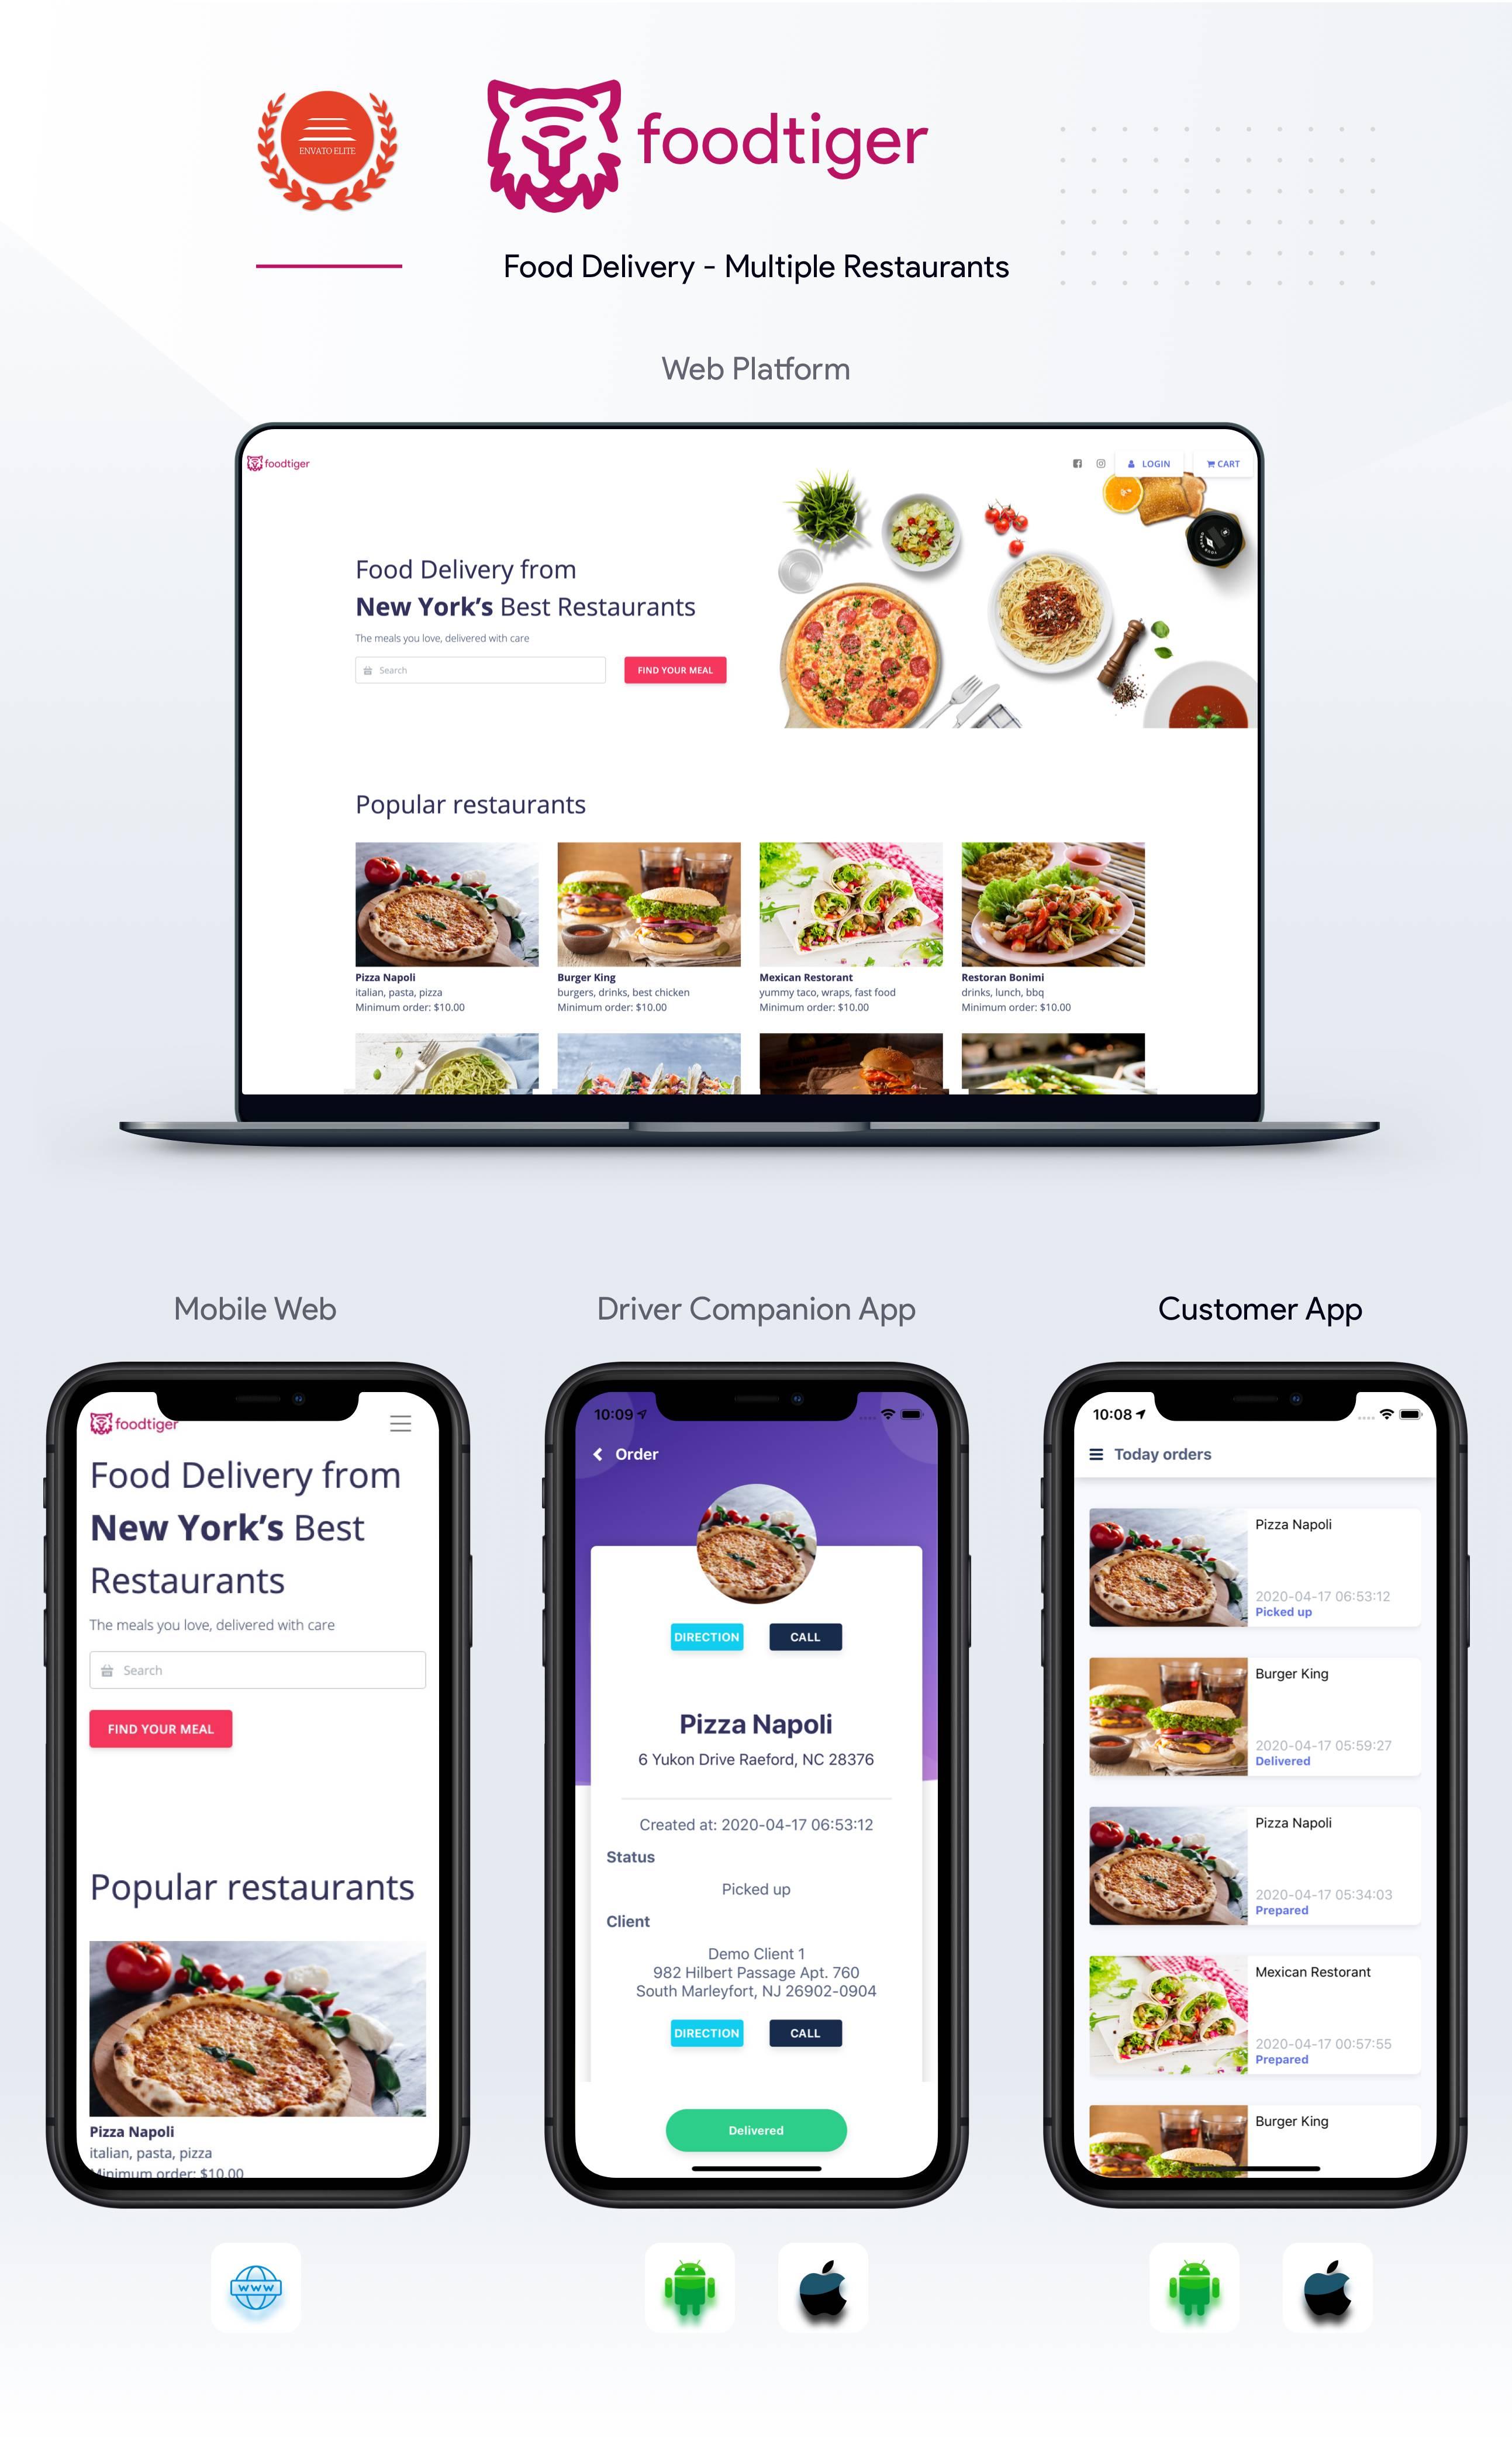 FoodTiger - Food delivery - Multiple Restaurants - 8